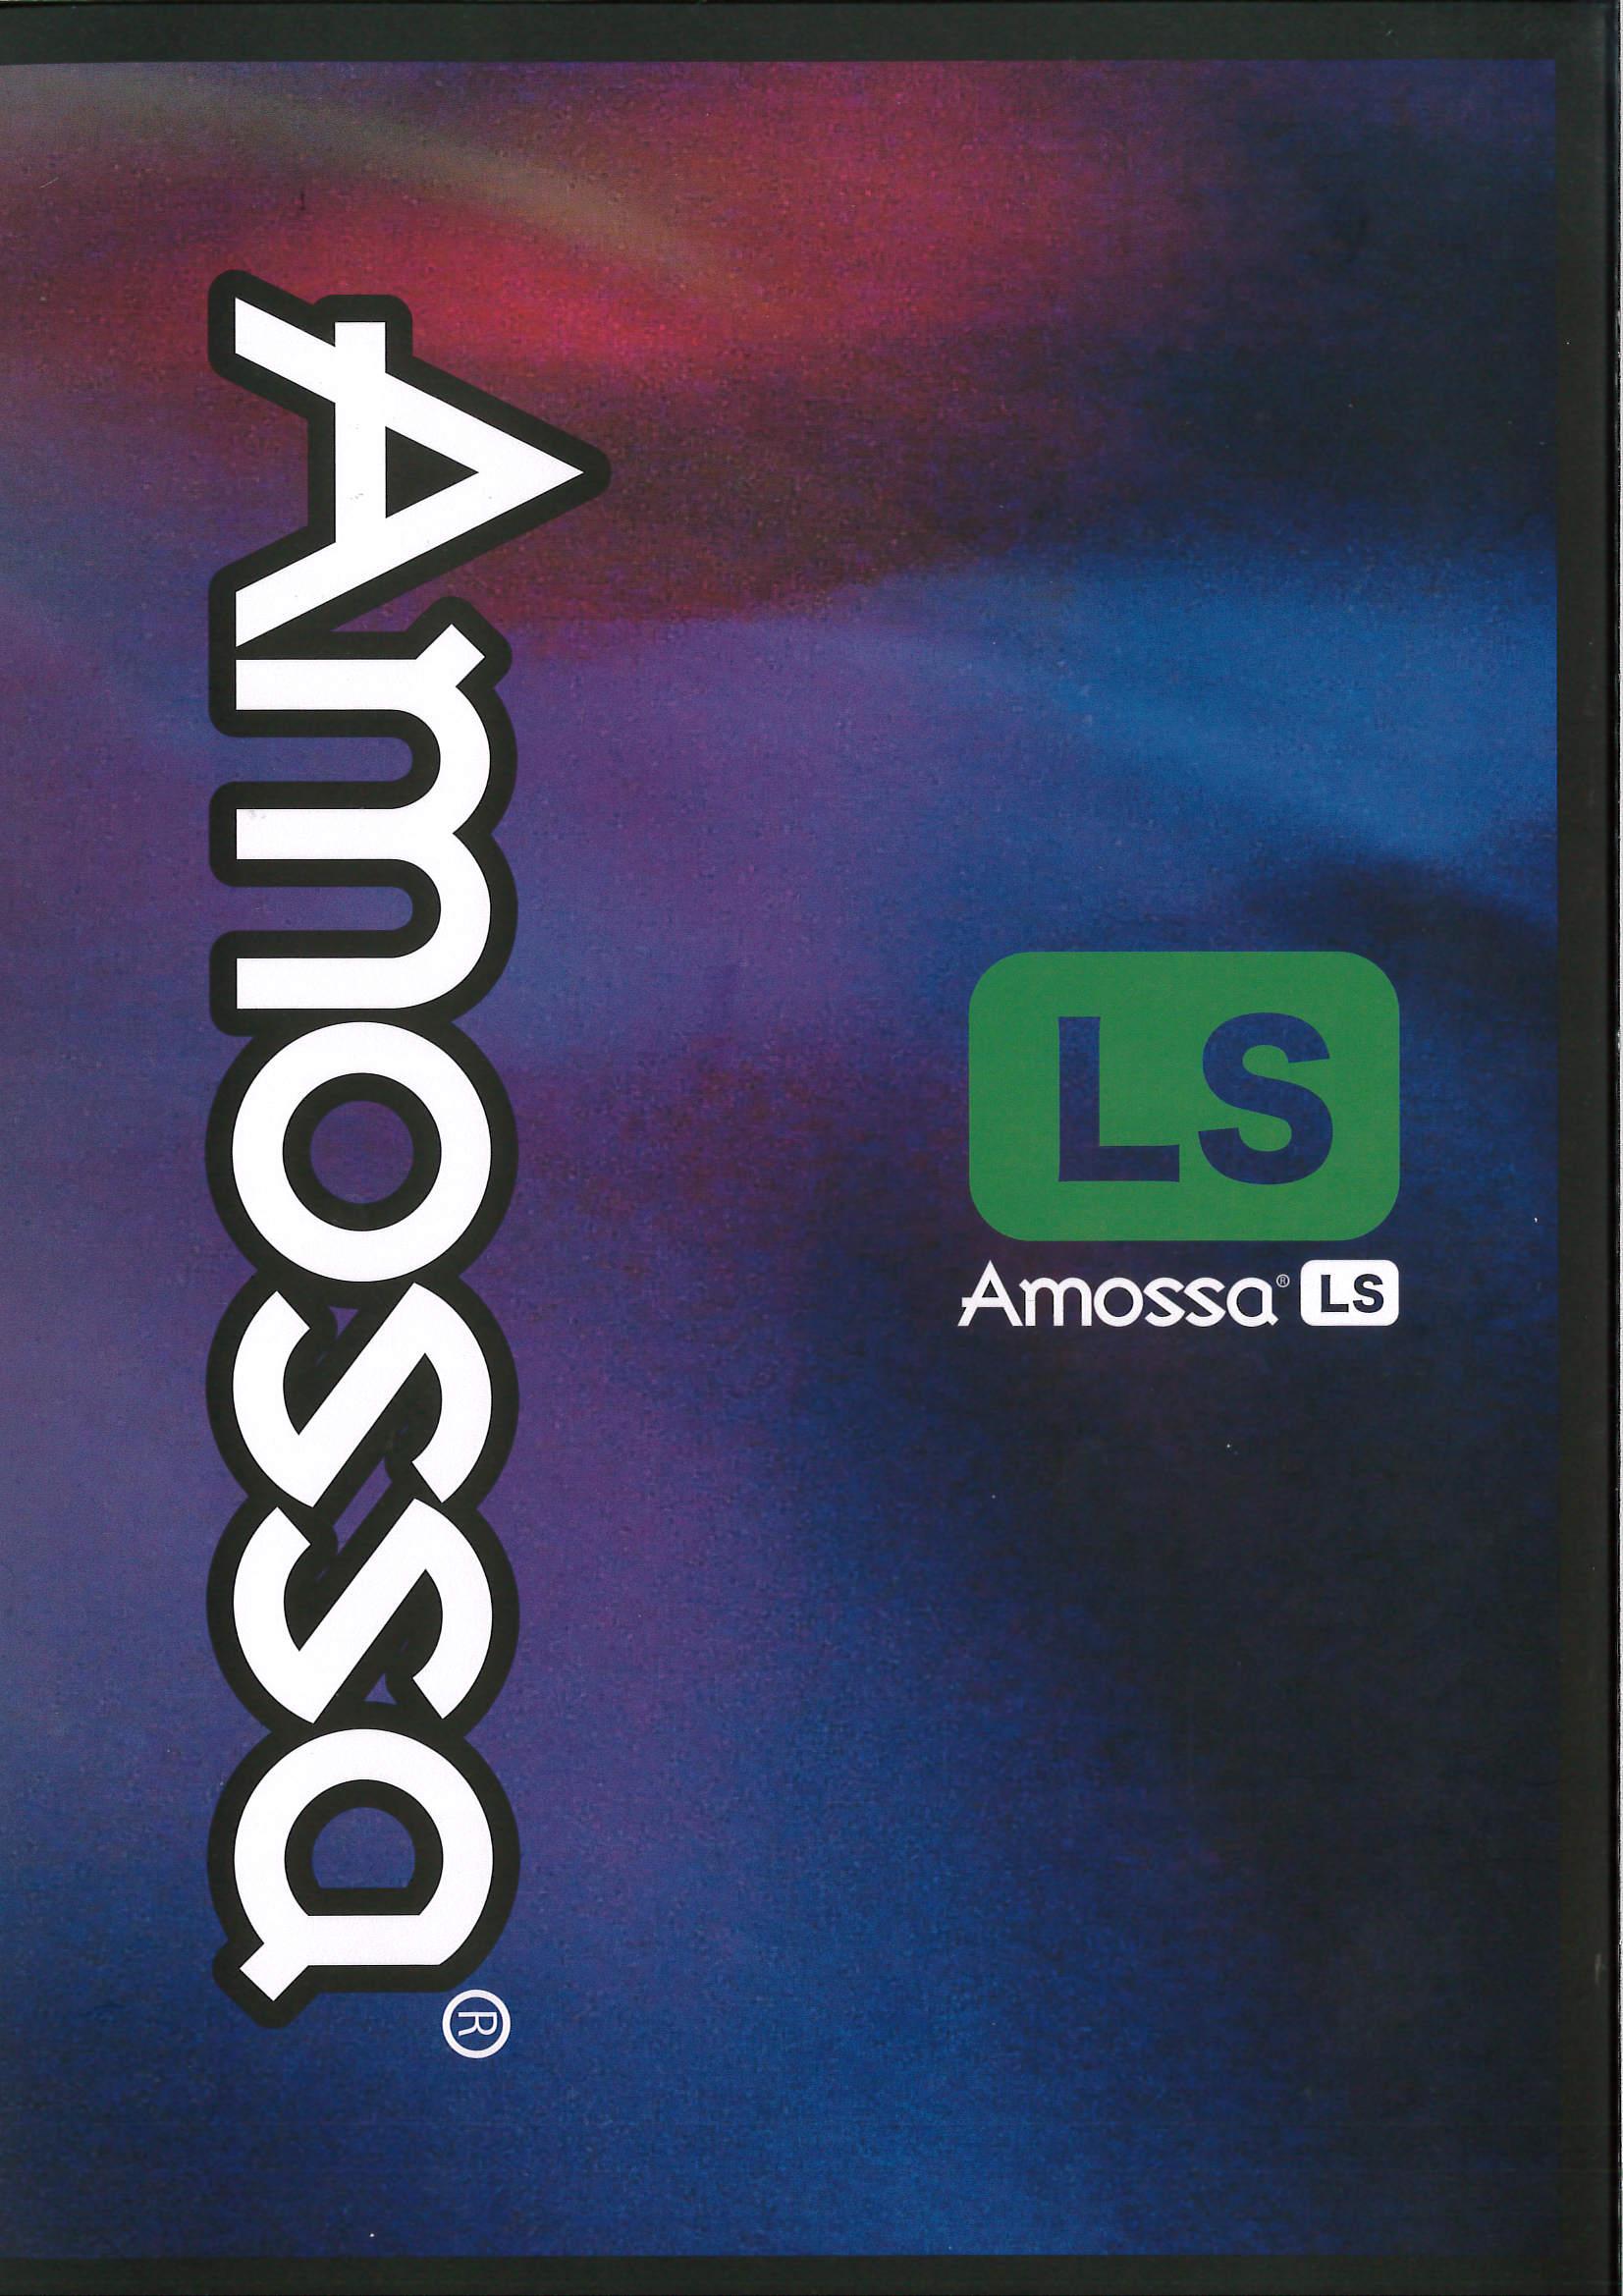 amossals-1